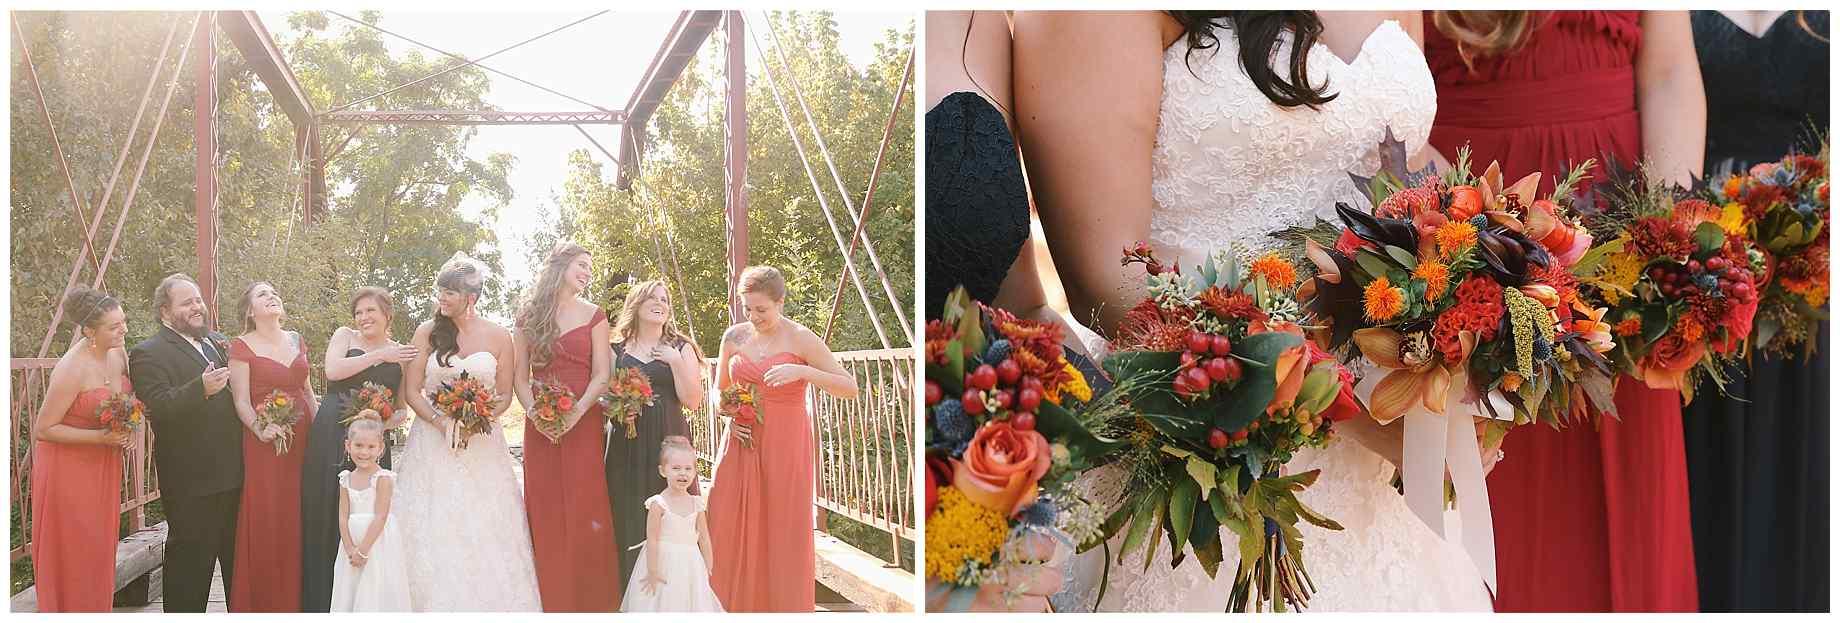 Le-Beaux-Chateau-wedding-photos-018